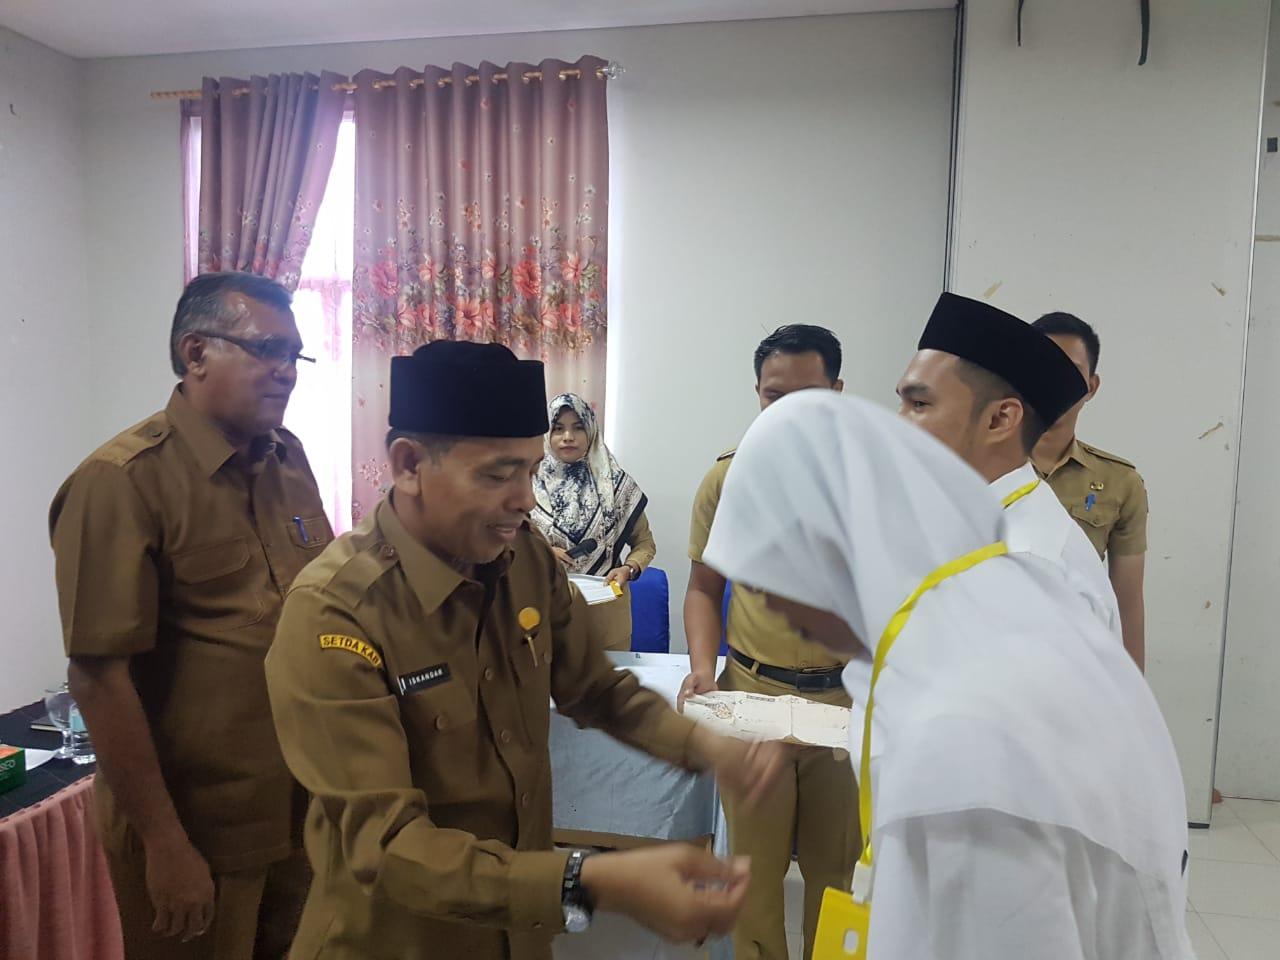 38 CPNS Aceh Besar Ikuti Latsar